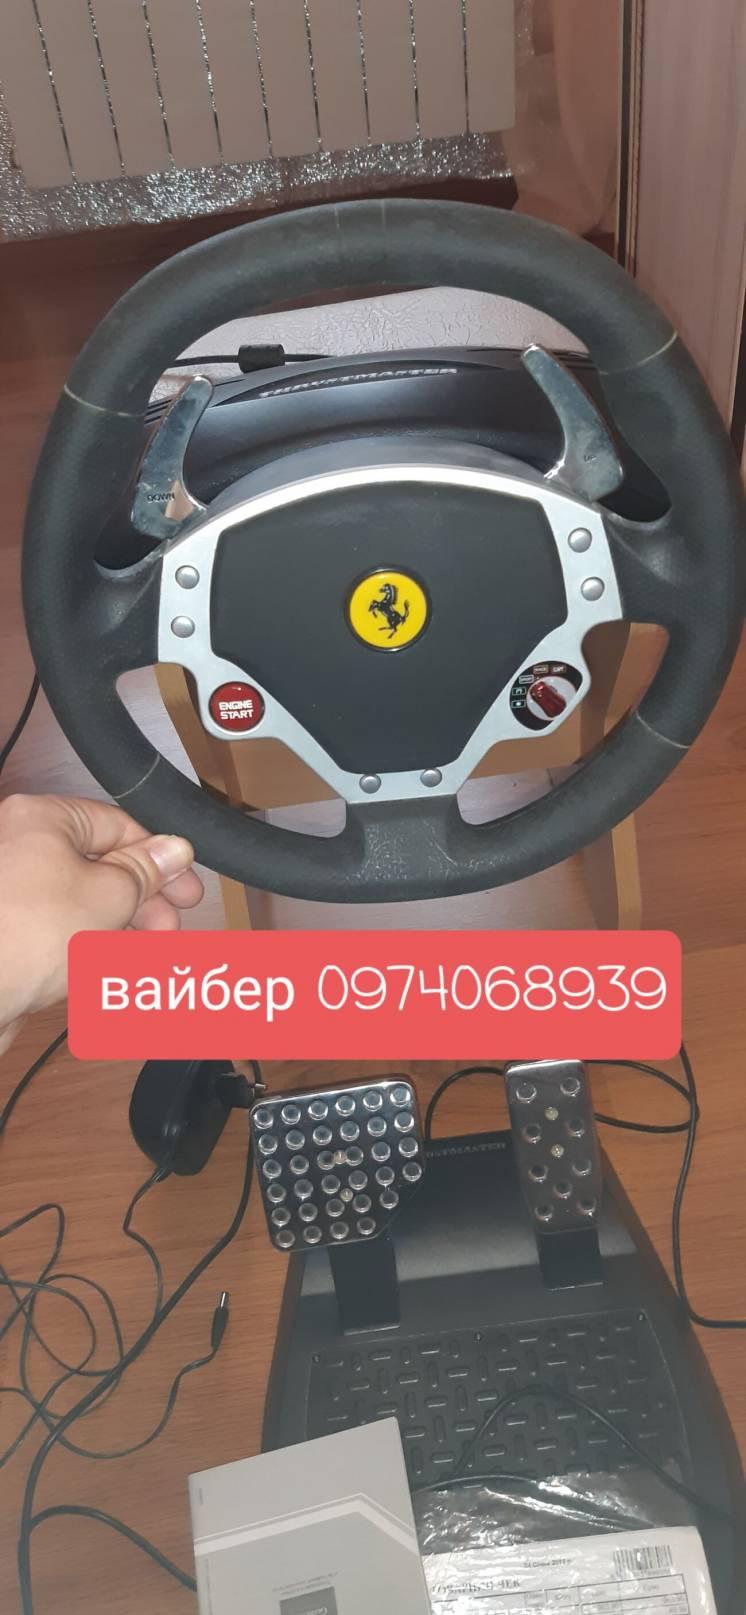 Продам игровой руль на пк,игры на ps1,2,3,4,xbox,pc